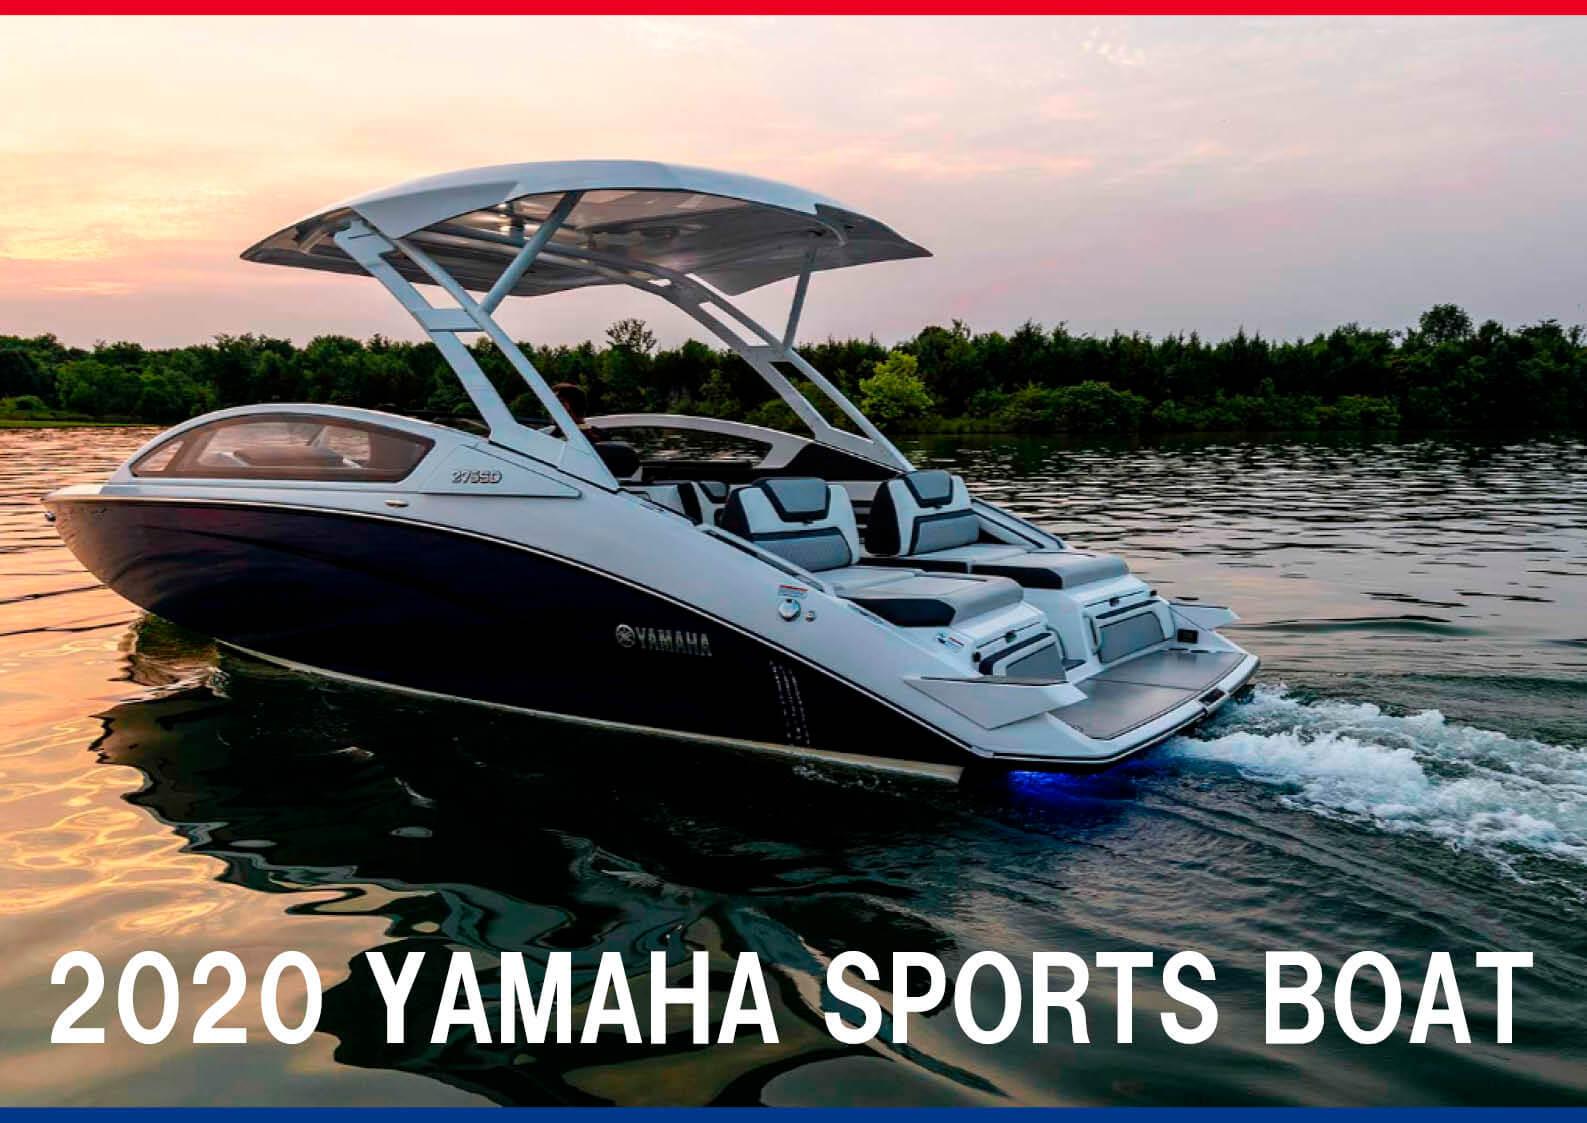 2020年 ヤマハ スポーツボート 全モデルラインナップ